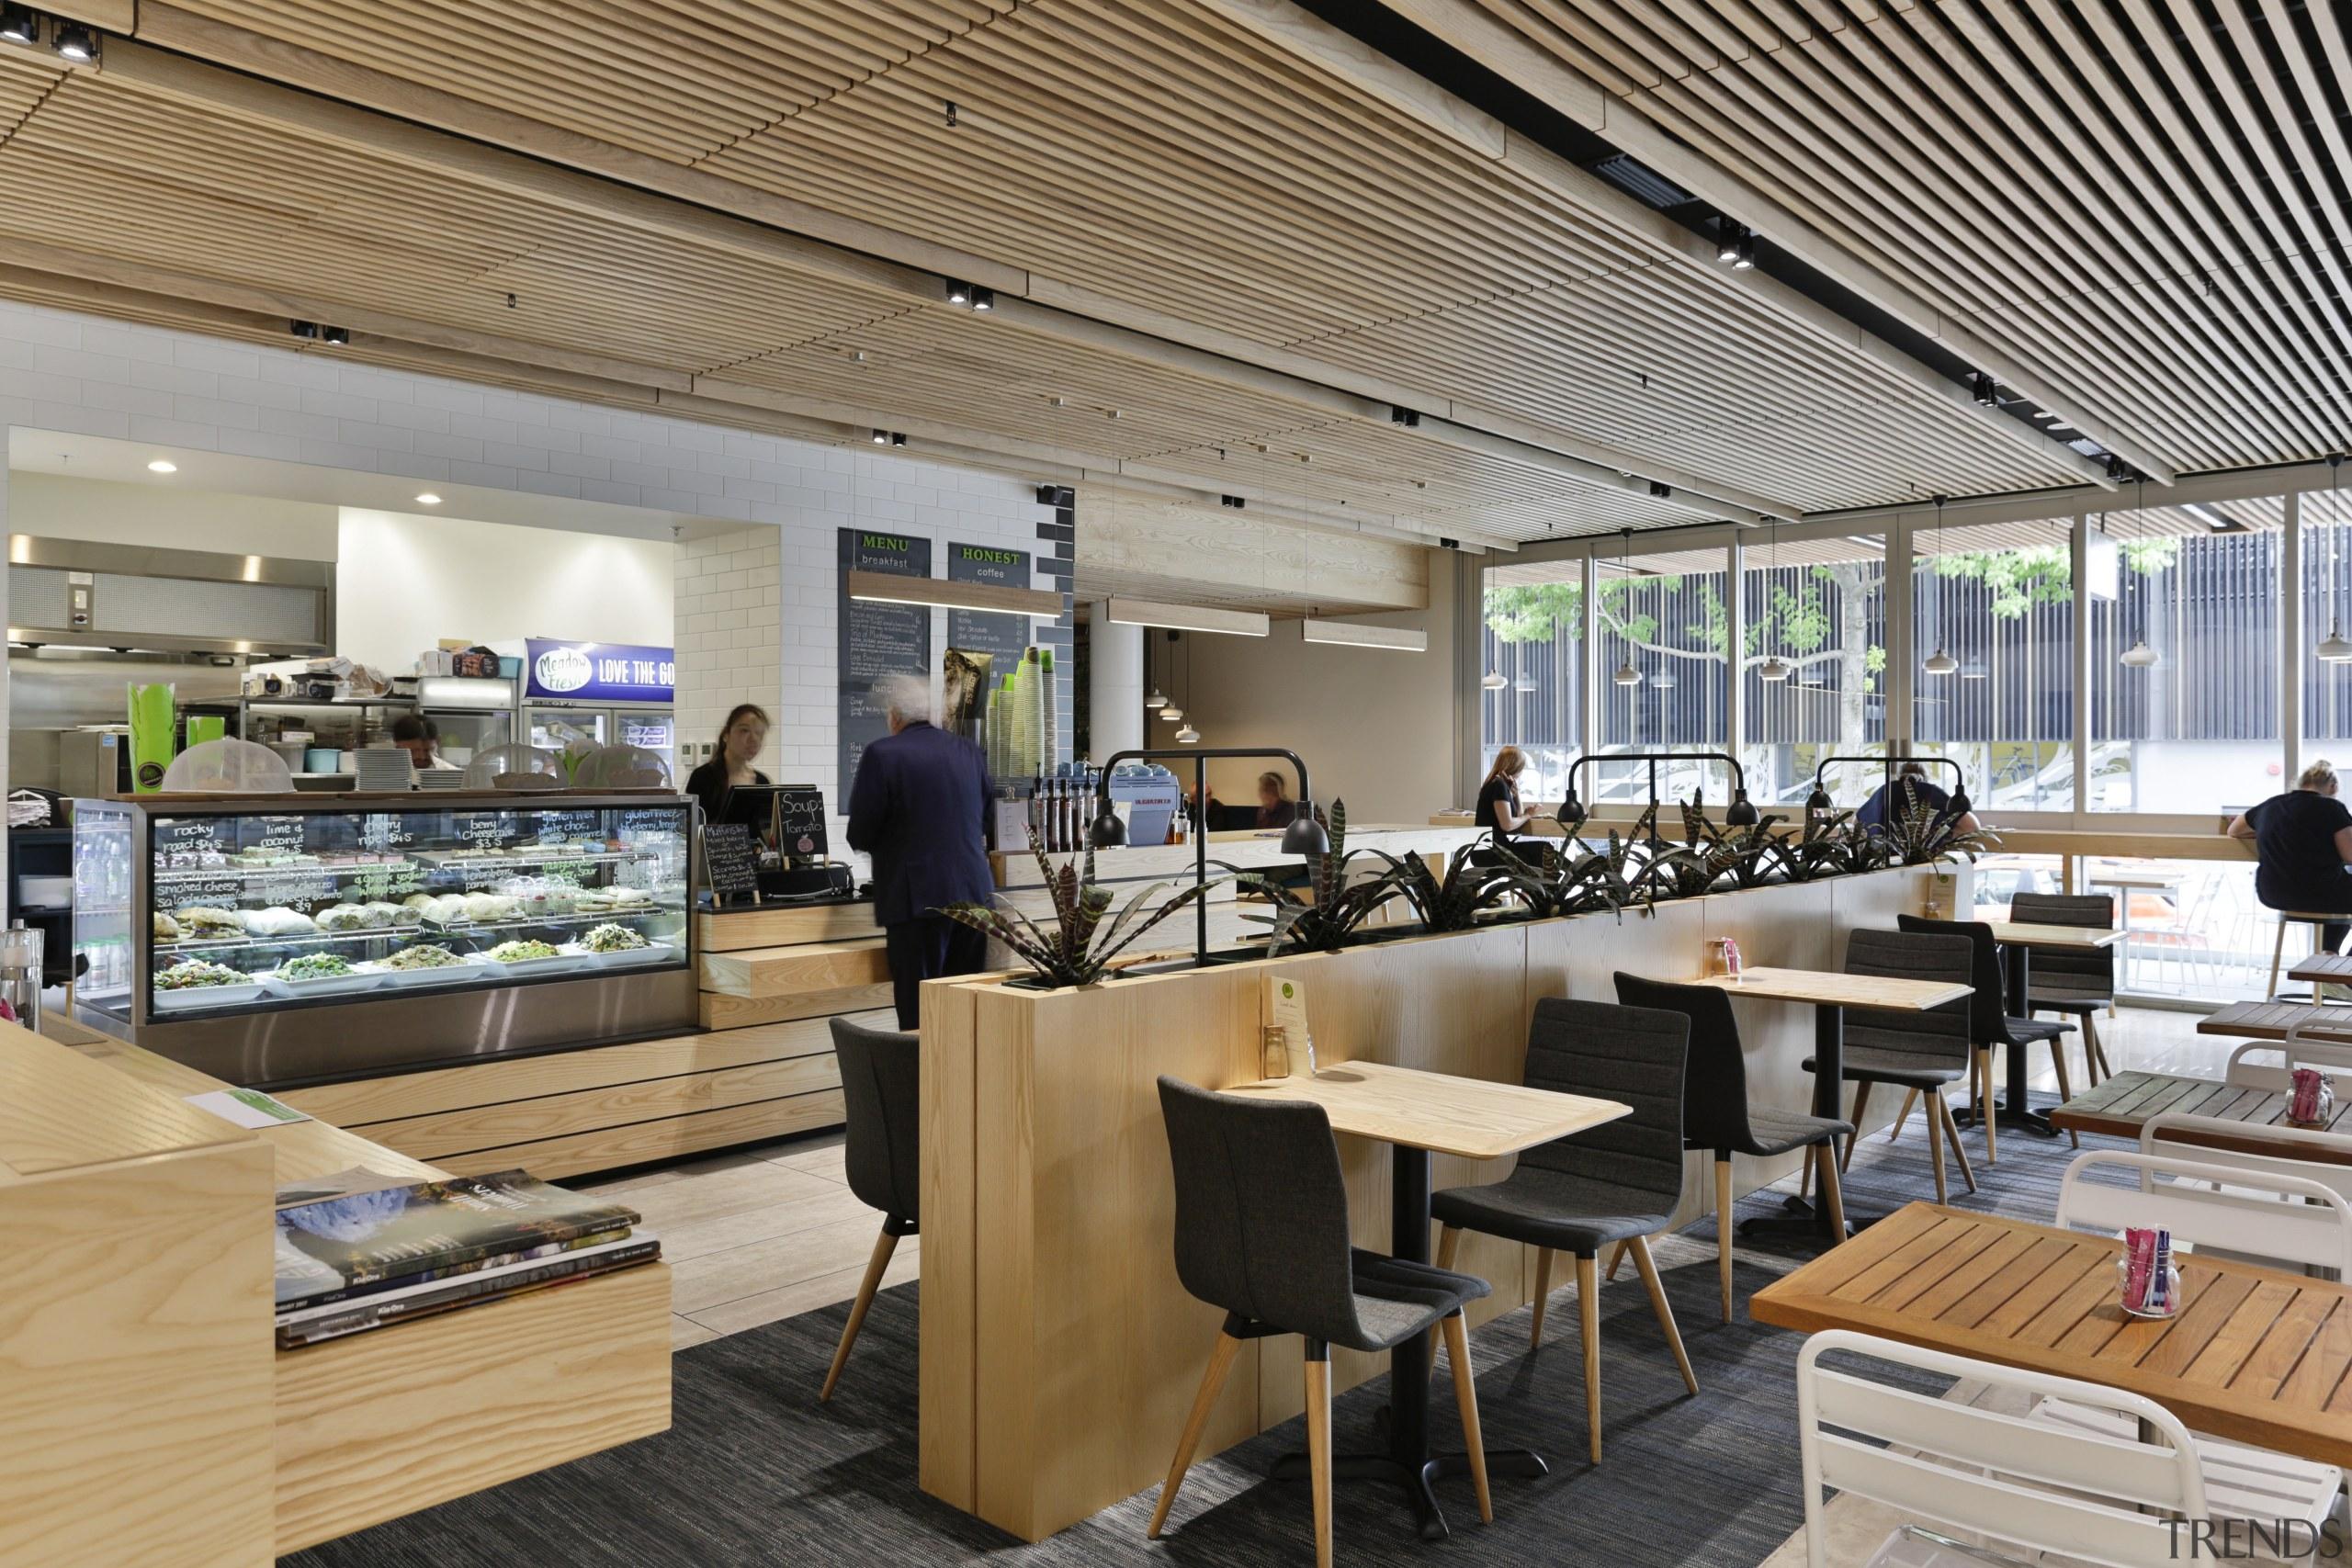 A café enlivens the lift and circulation lobby cafeteria, interior design, restaurant, gray